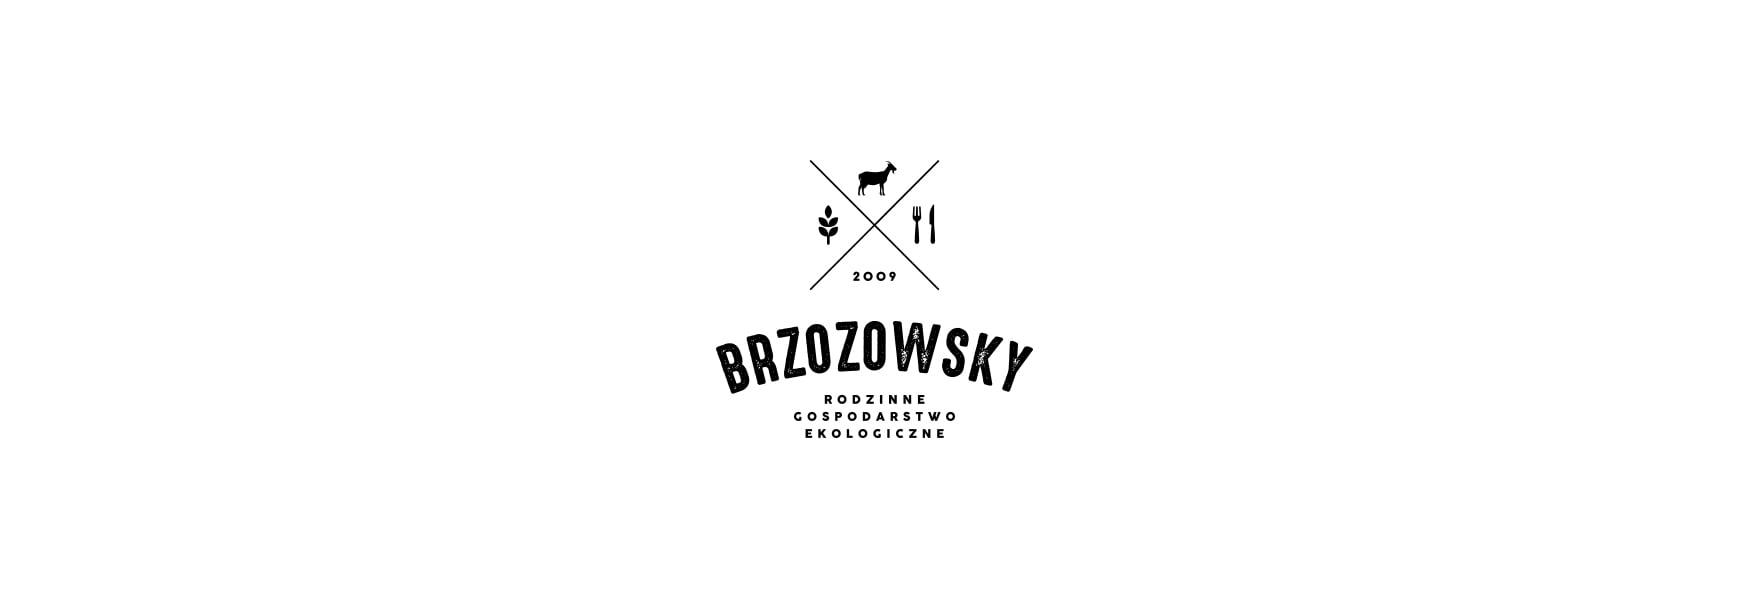 Brzozowsky